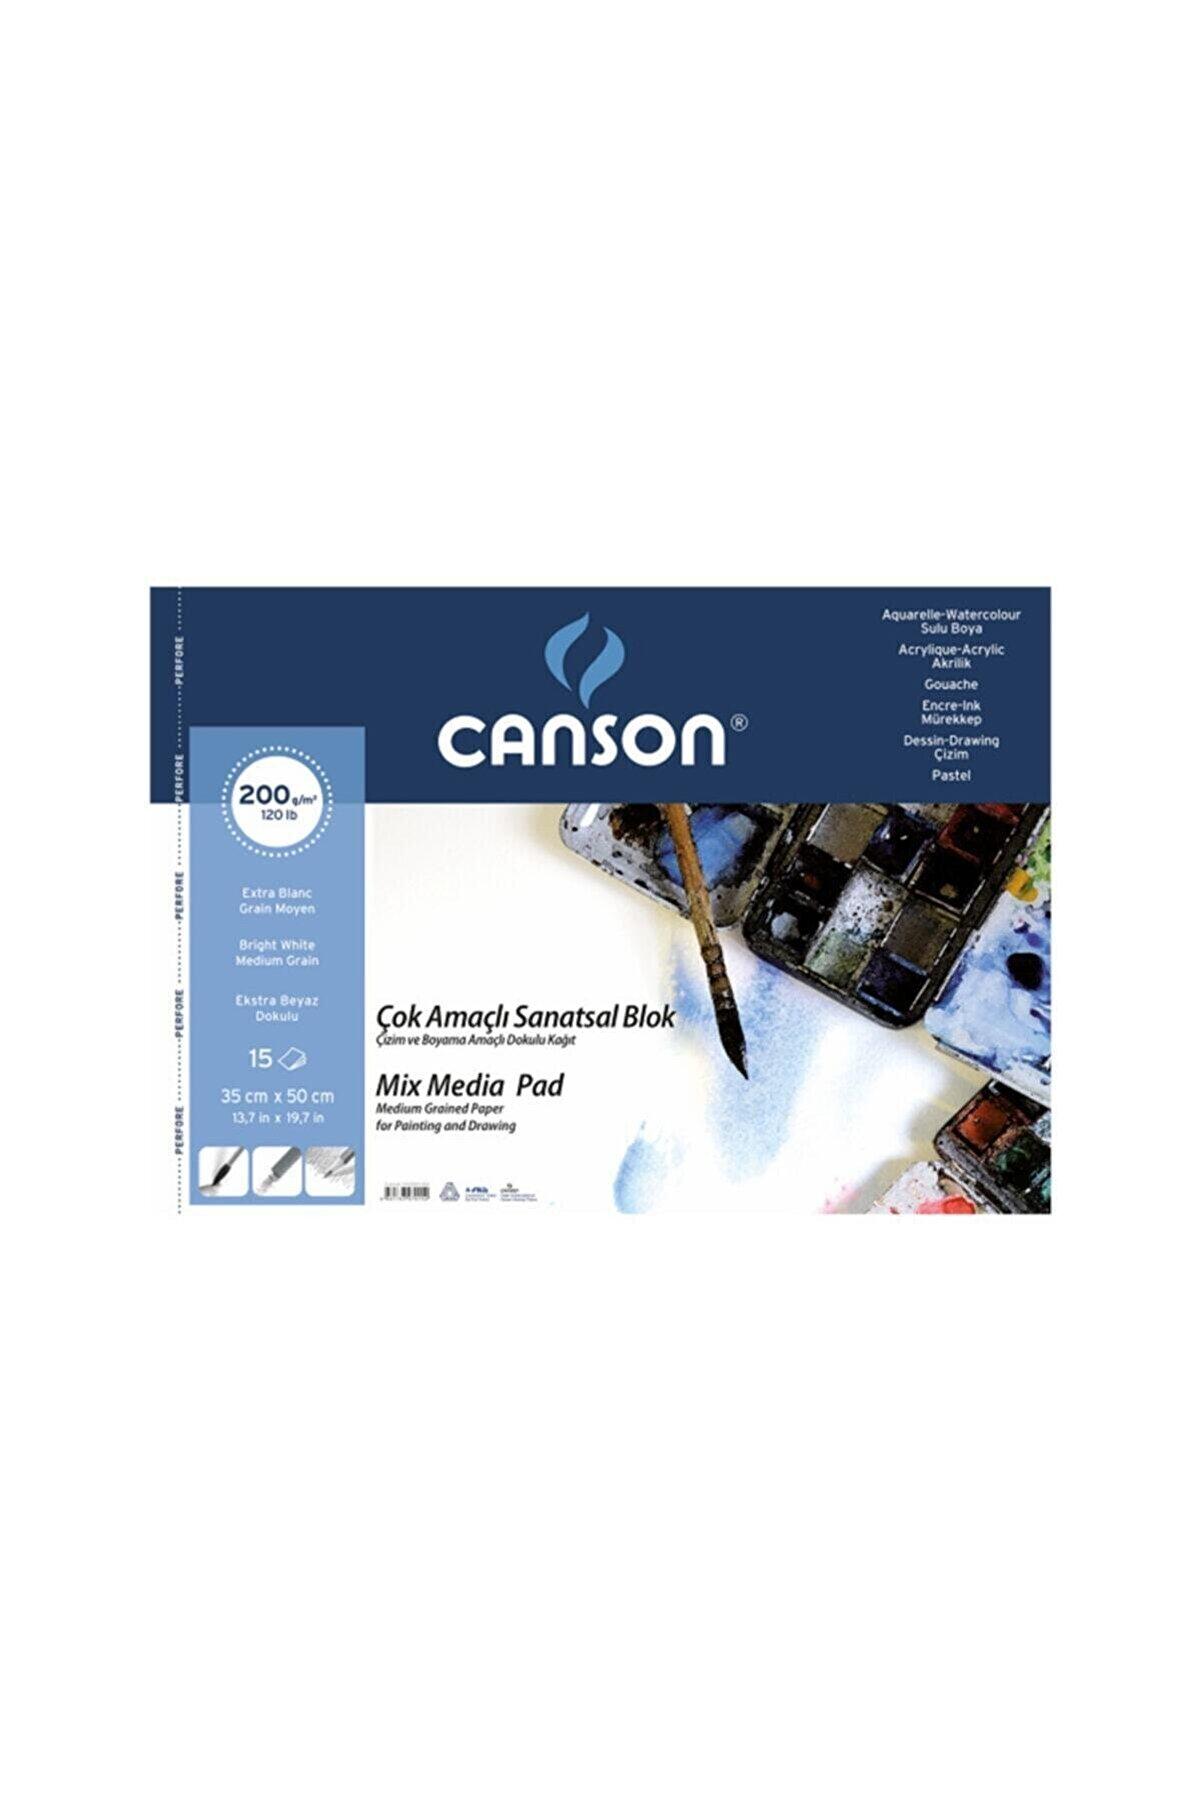 Canson Fıneface Çok Amaçlı Resim Blokları 200gr 35x50 15yp